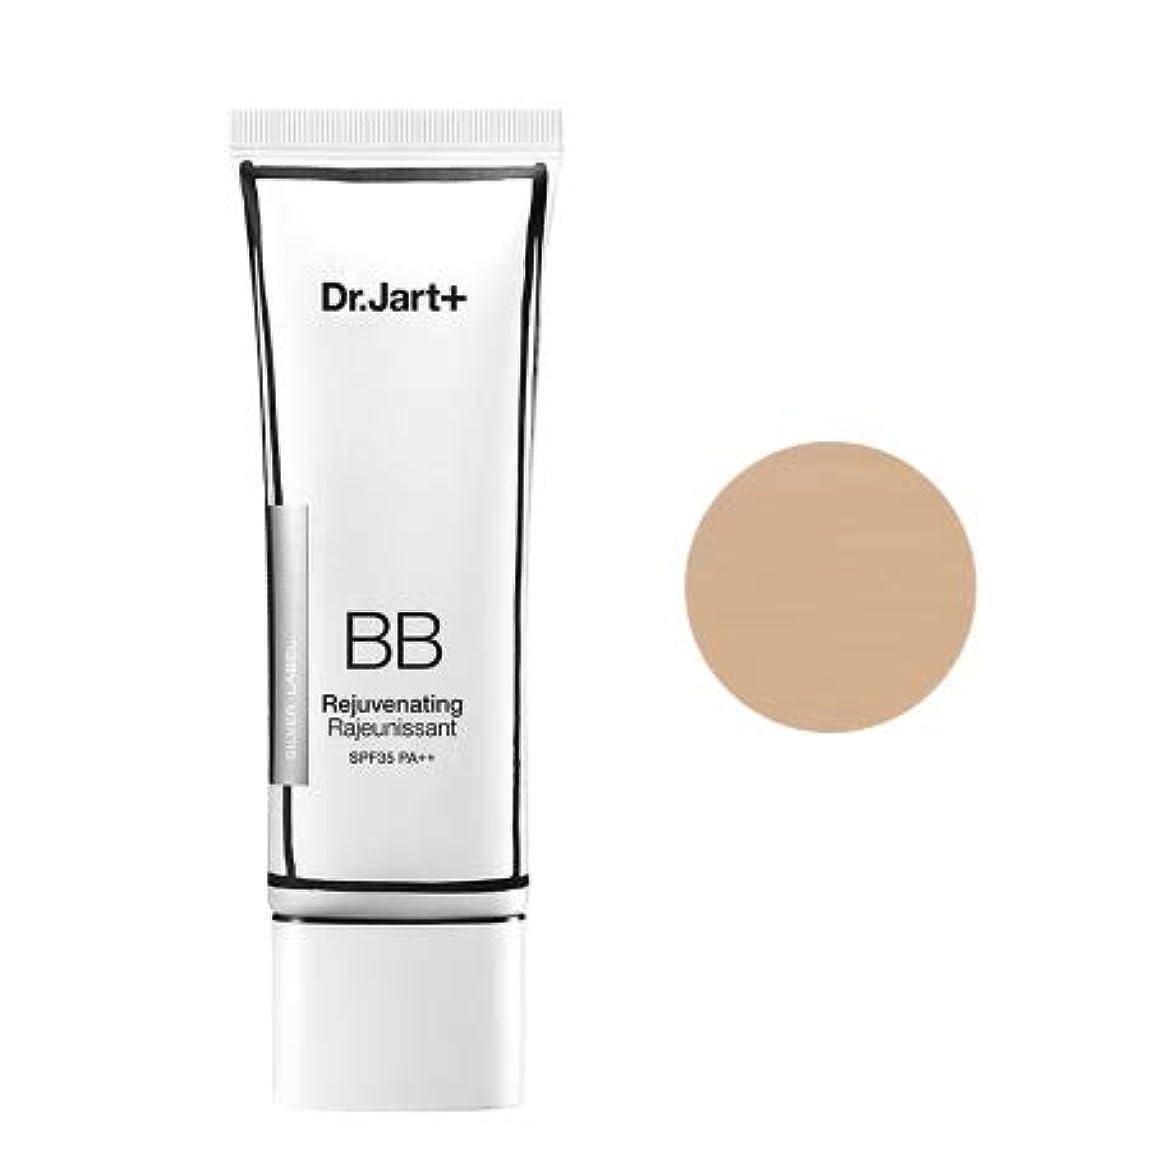 倫理的小石ケーブル[Upgrade] Dr.Jart+Dermakeup Rejuvenating Beauty Balm SPF35 PA++ 50ml /ドクタージャルトゥザメーキャップリージュビネイティンビューティーバーム SPF35...